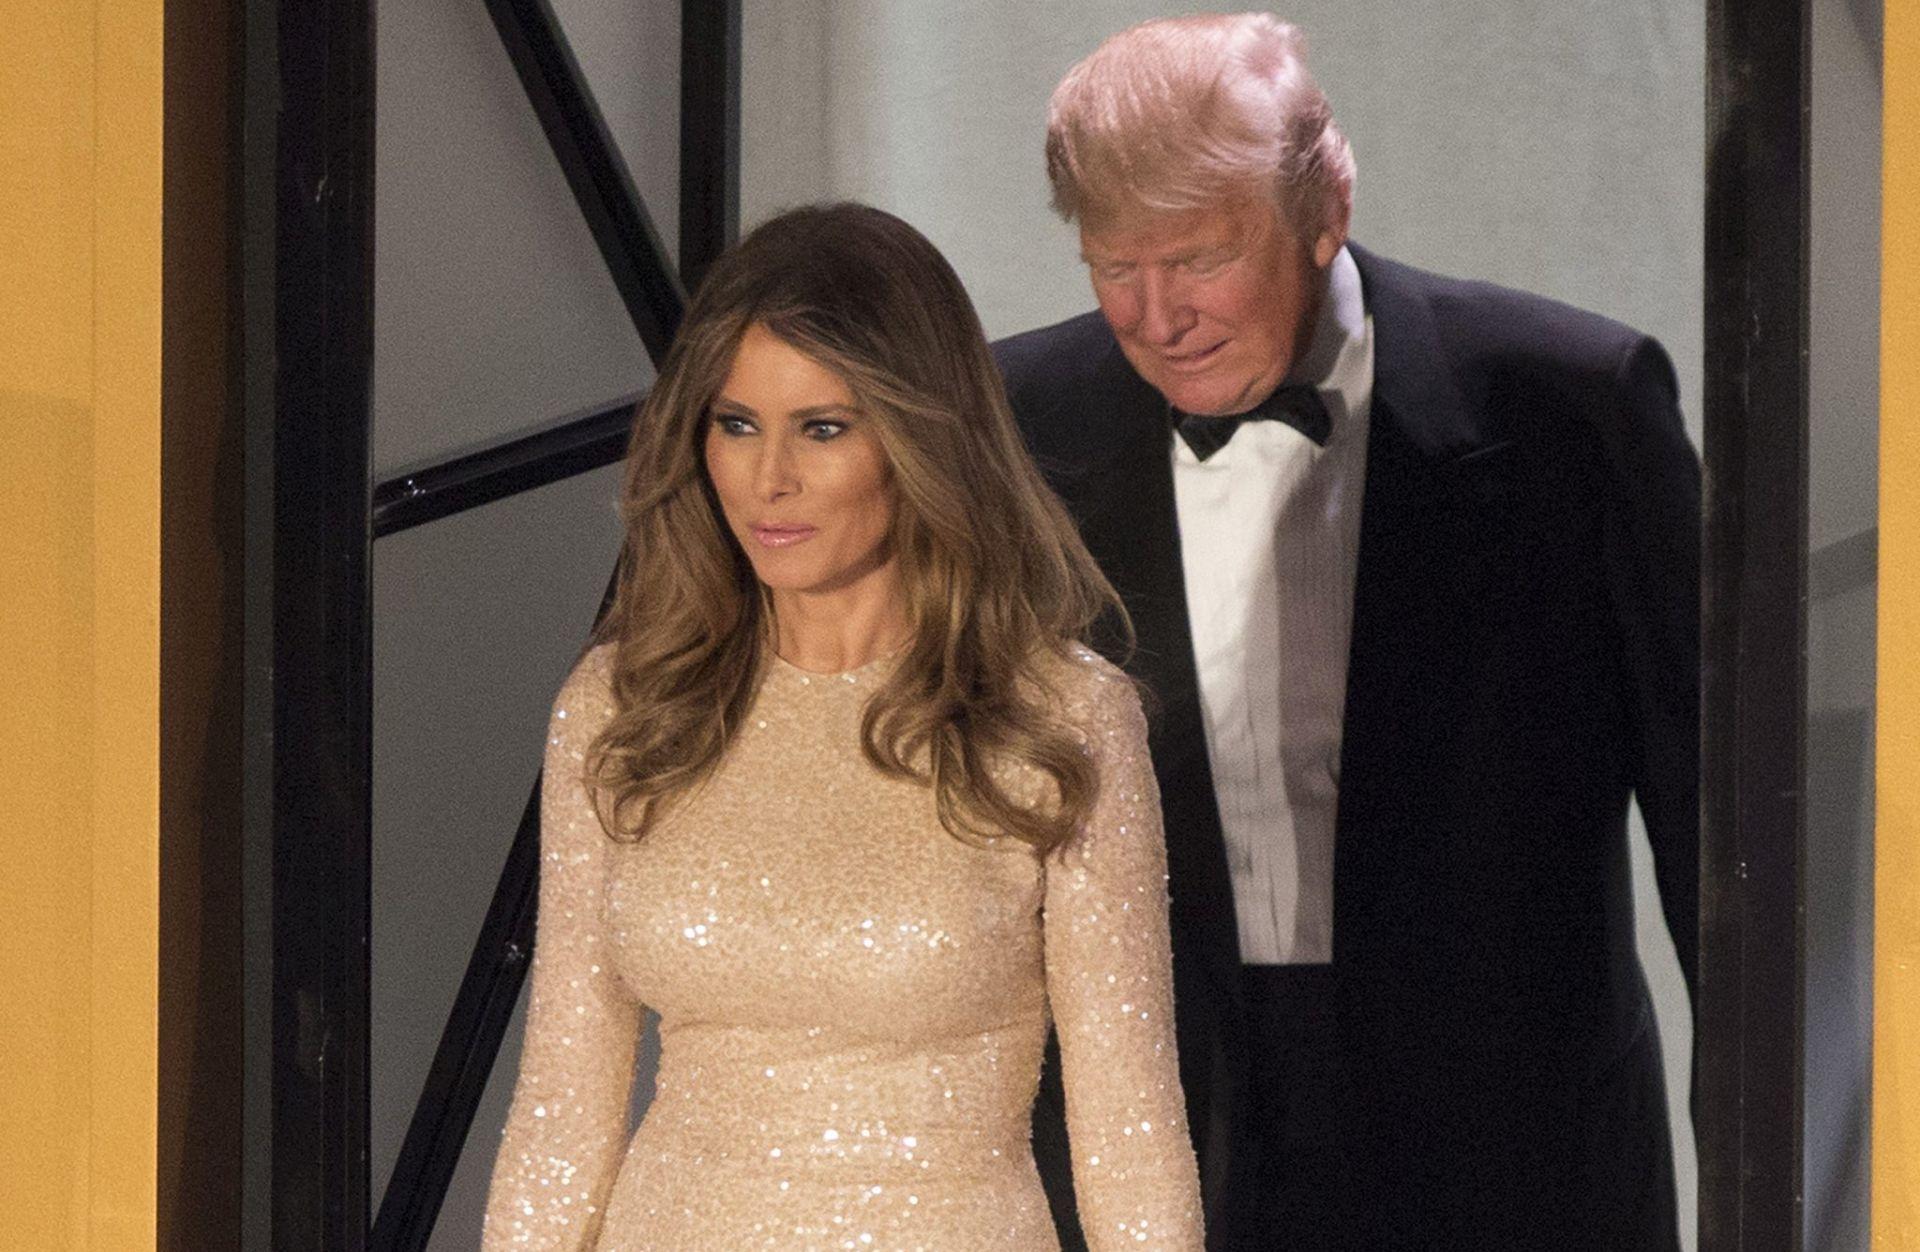 UŽIVO: INAUGURACIJA Donald Trump danas postaje 45. američki predsjednik